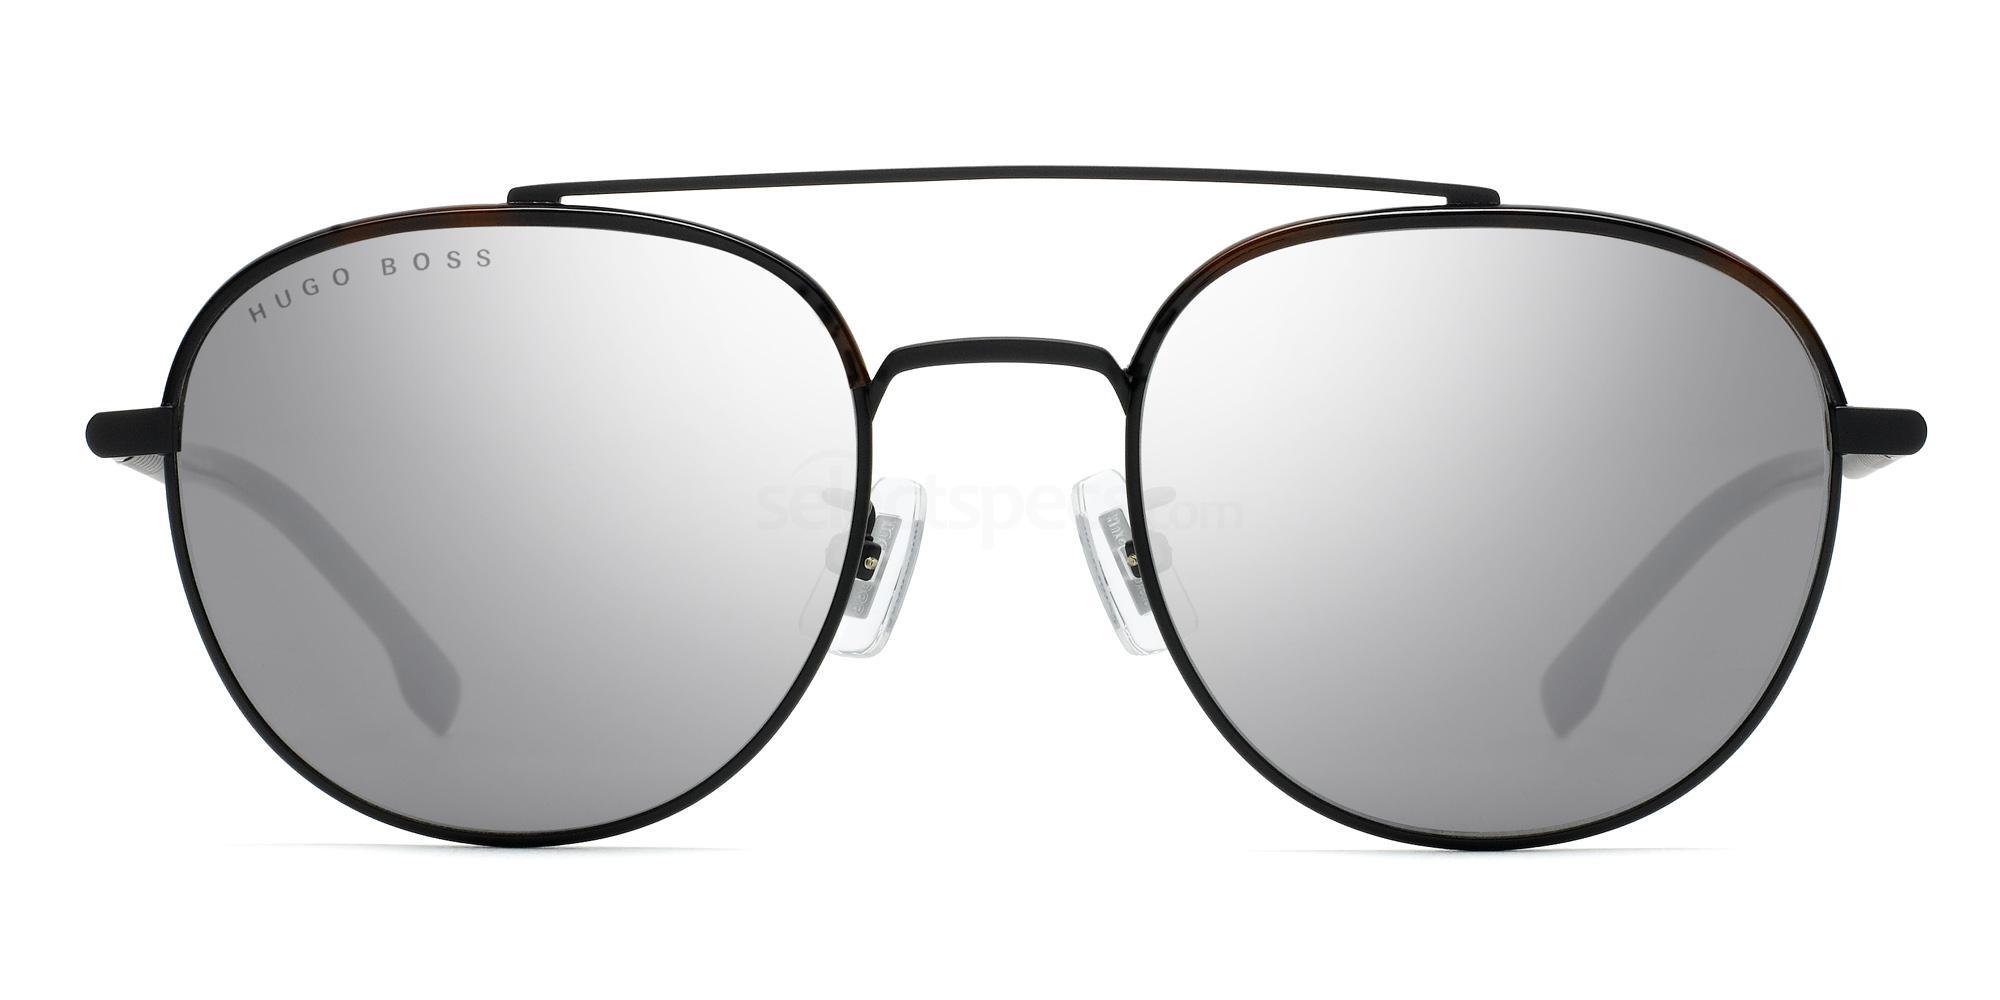 003 (T4) BOSS 1069/F/S Sunglasses, BOSS Hugo Boss